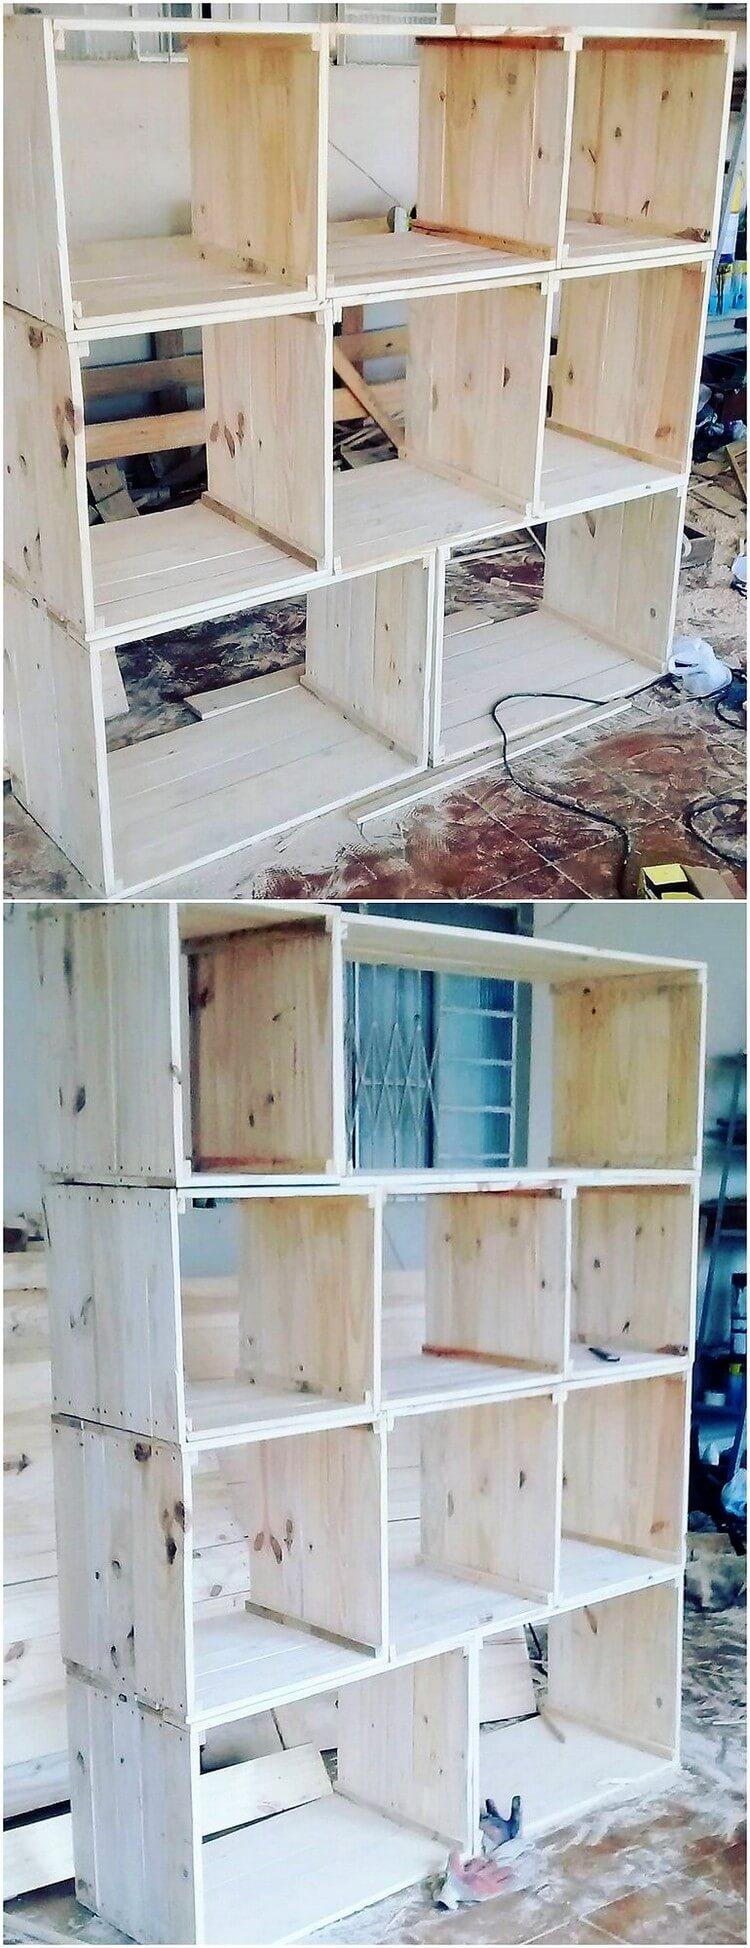 Wood Pallet Shelving Unit